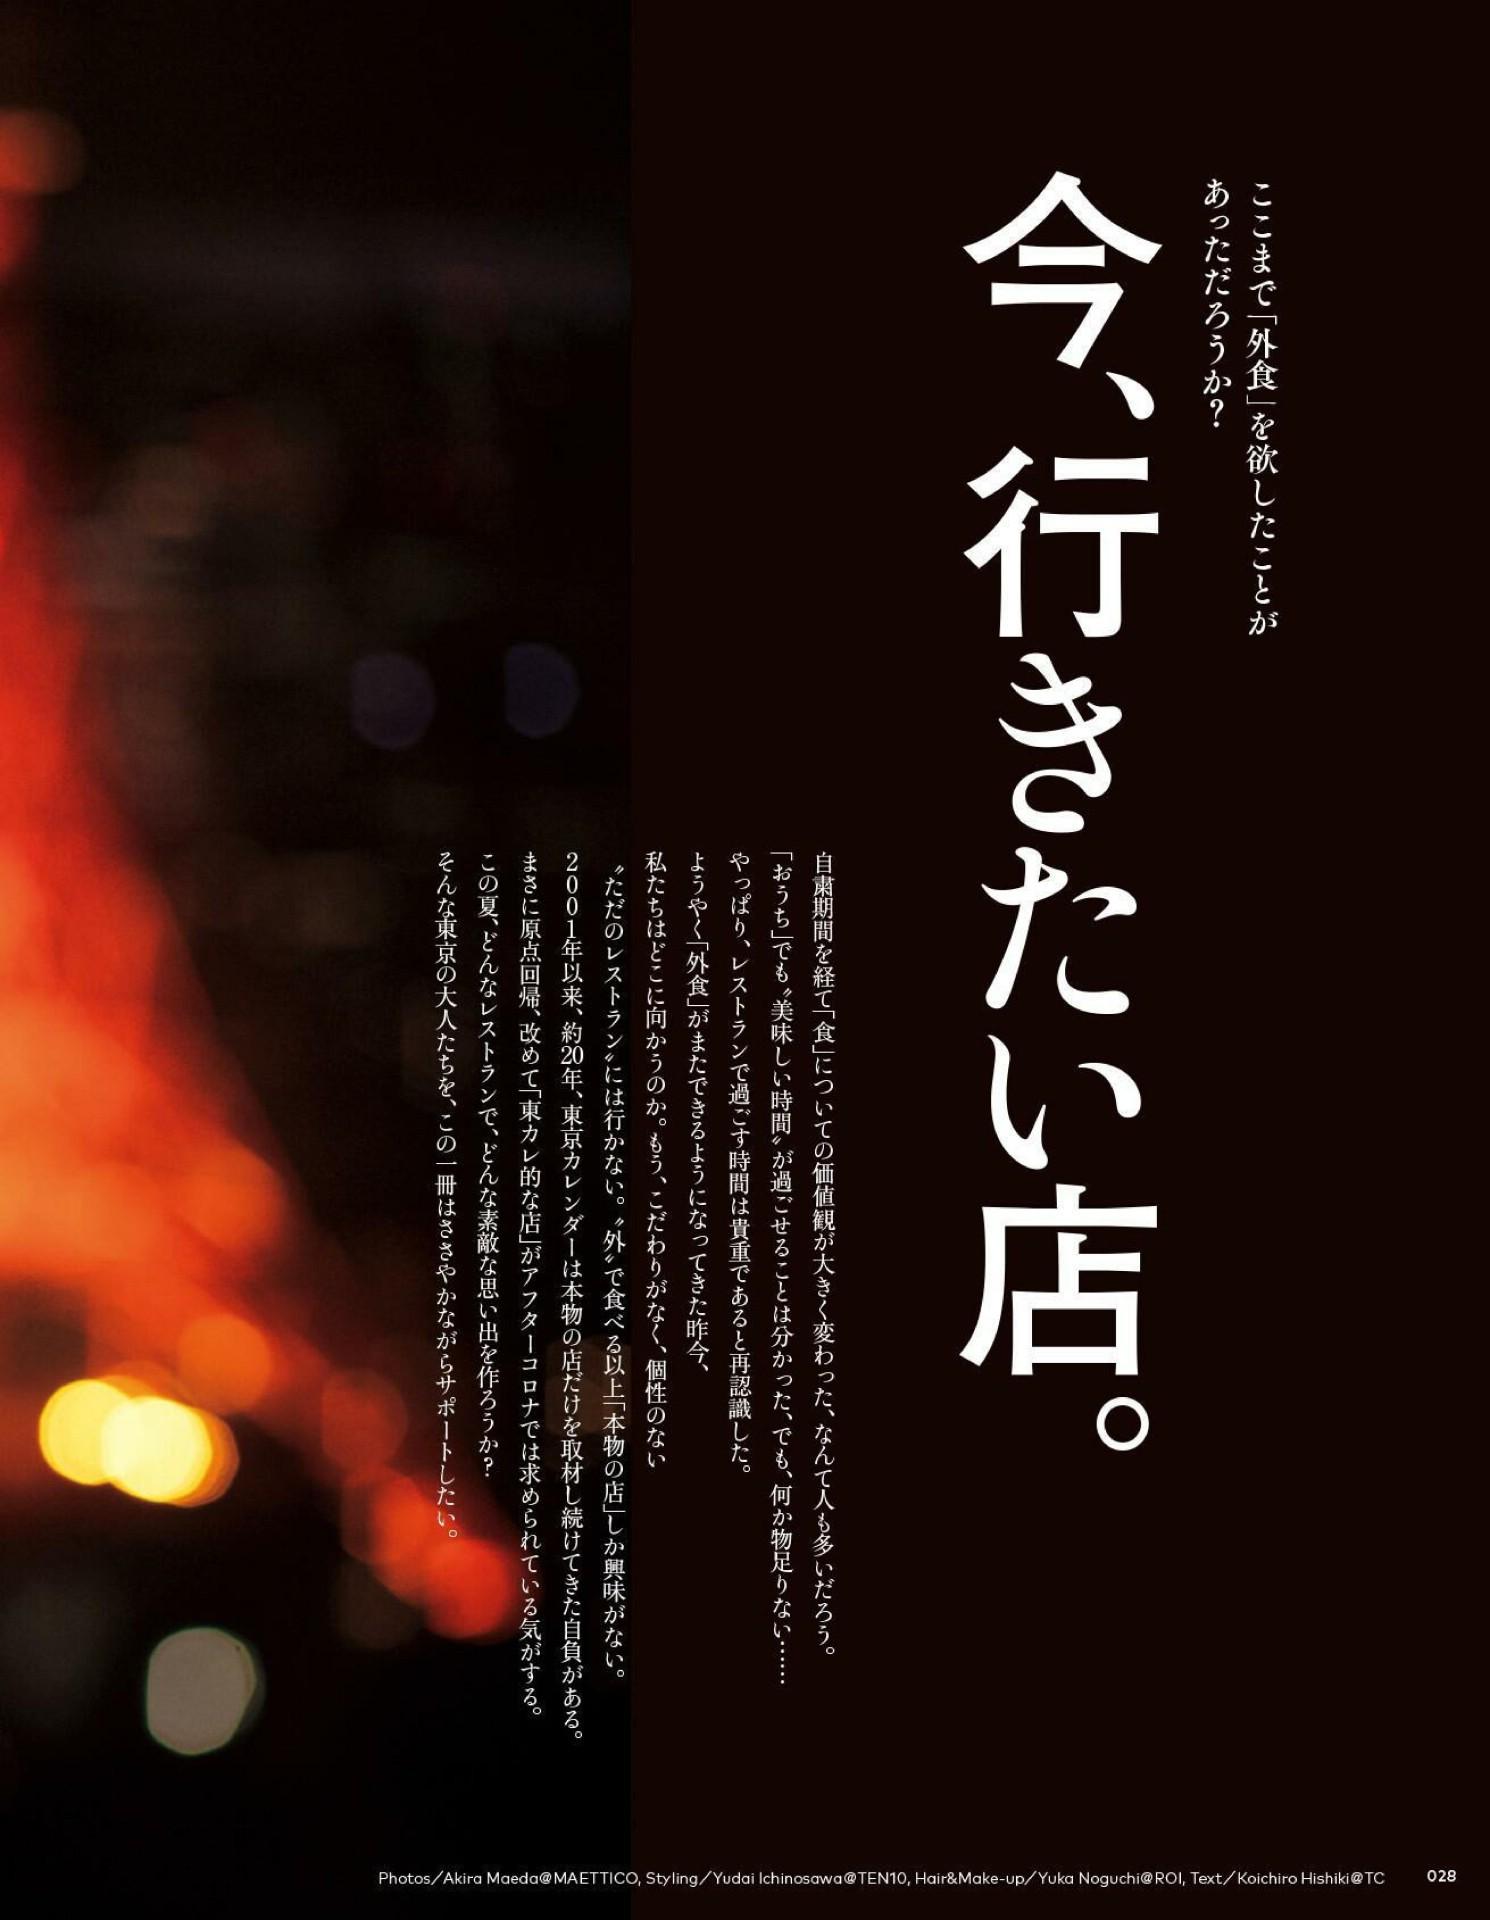 Tokyo Calendar 2020-09_imgs-0028